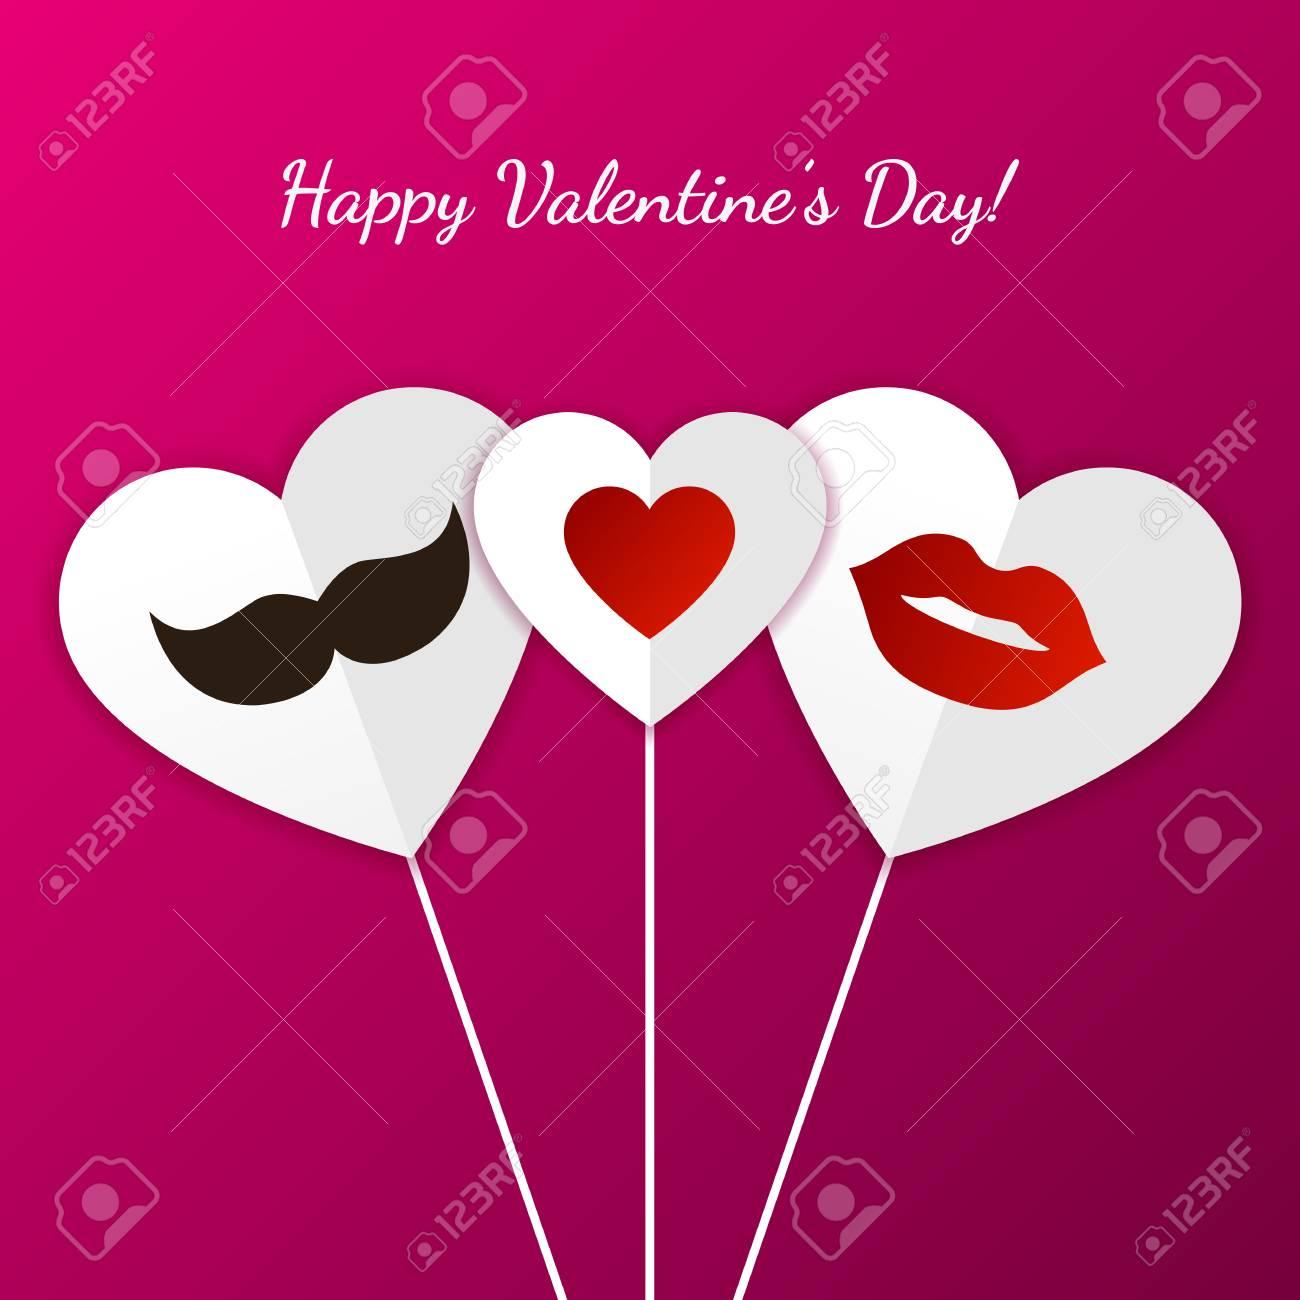 Tarjeta De Felicitación Feliz Día De San Valentín Labios Mujer Para Hombre Del Bigote Y El Corazón Símbolo Ilustración Del Vector Invitación De La